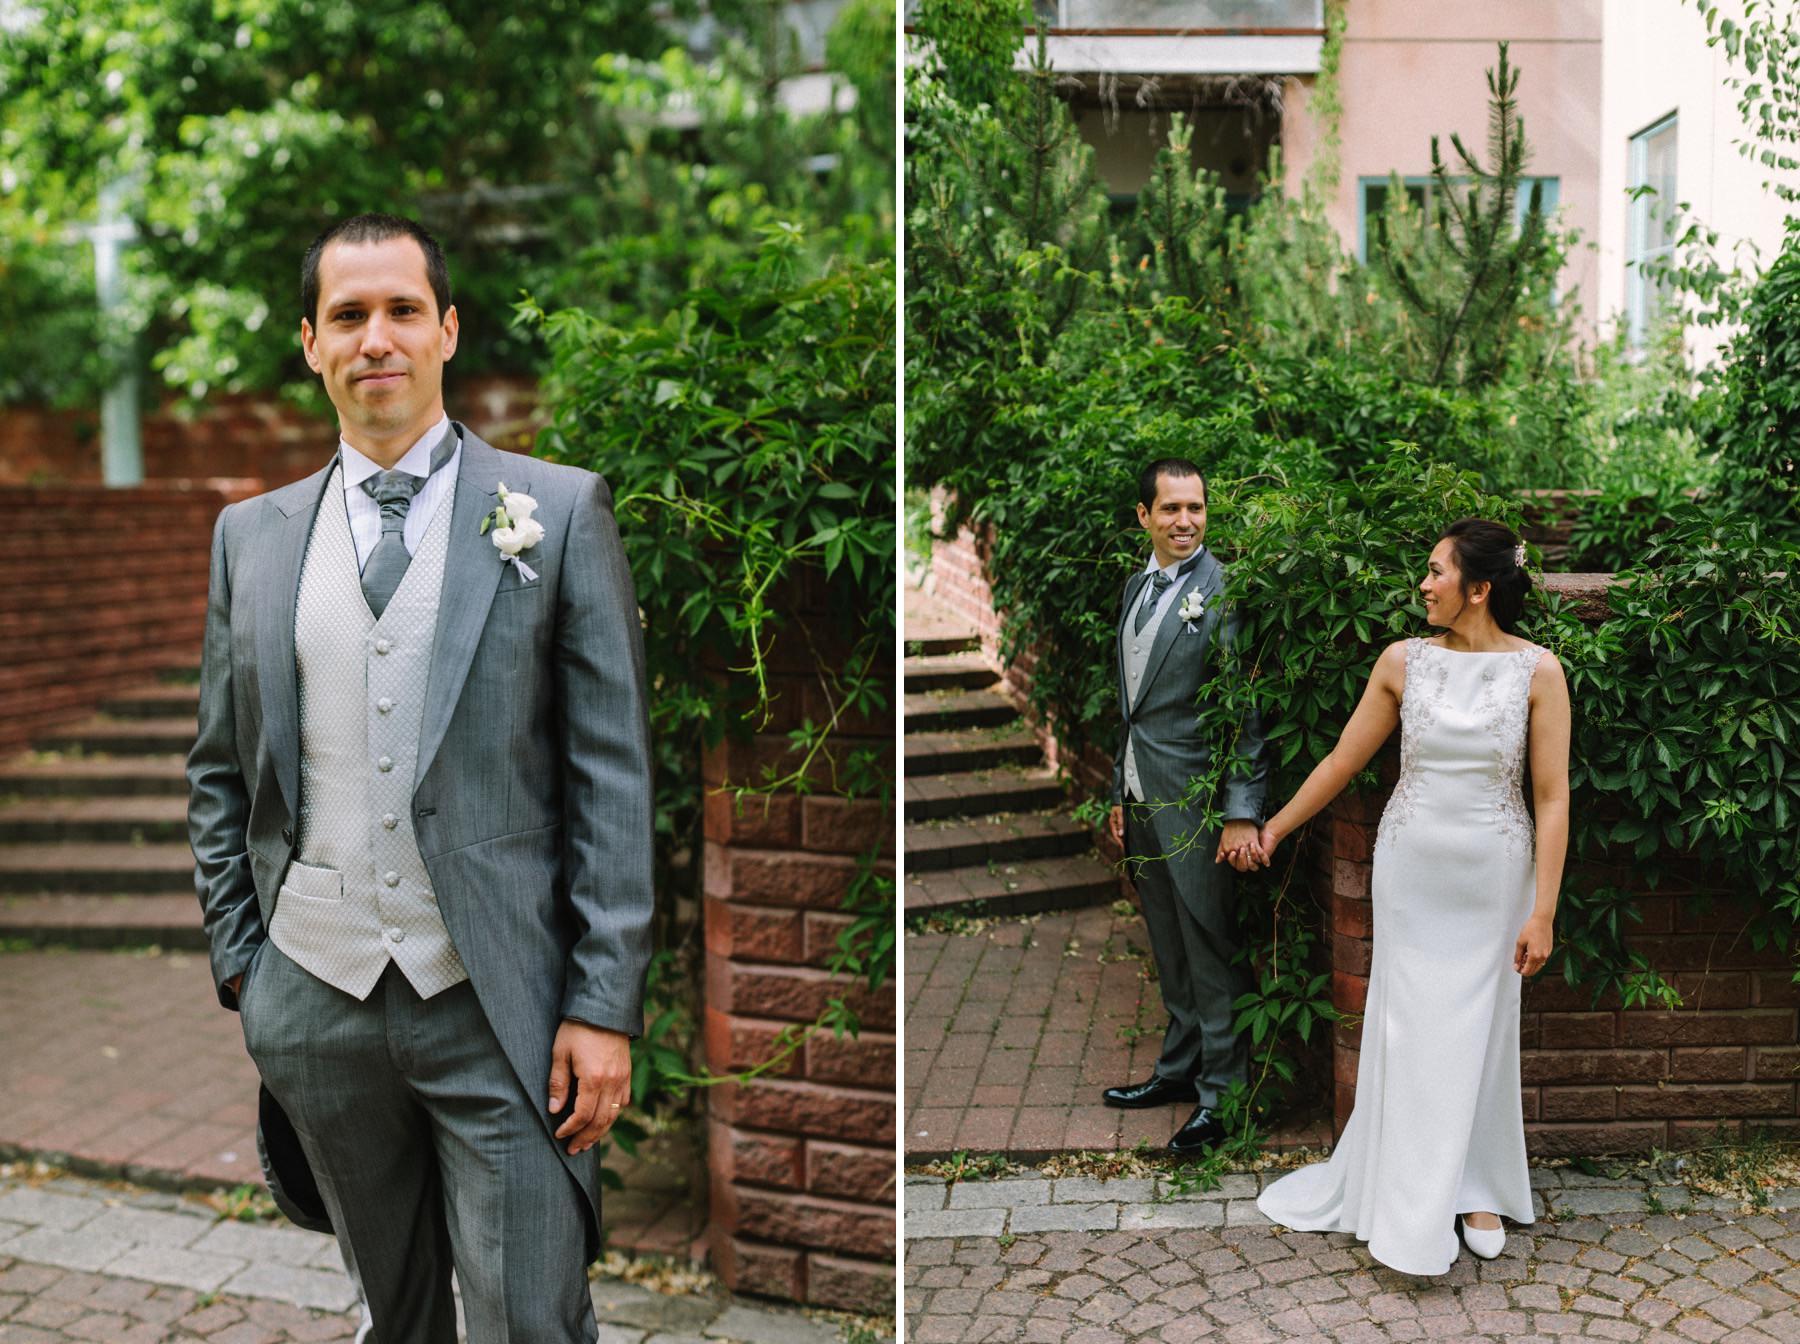 Helsinki urban wedding